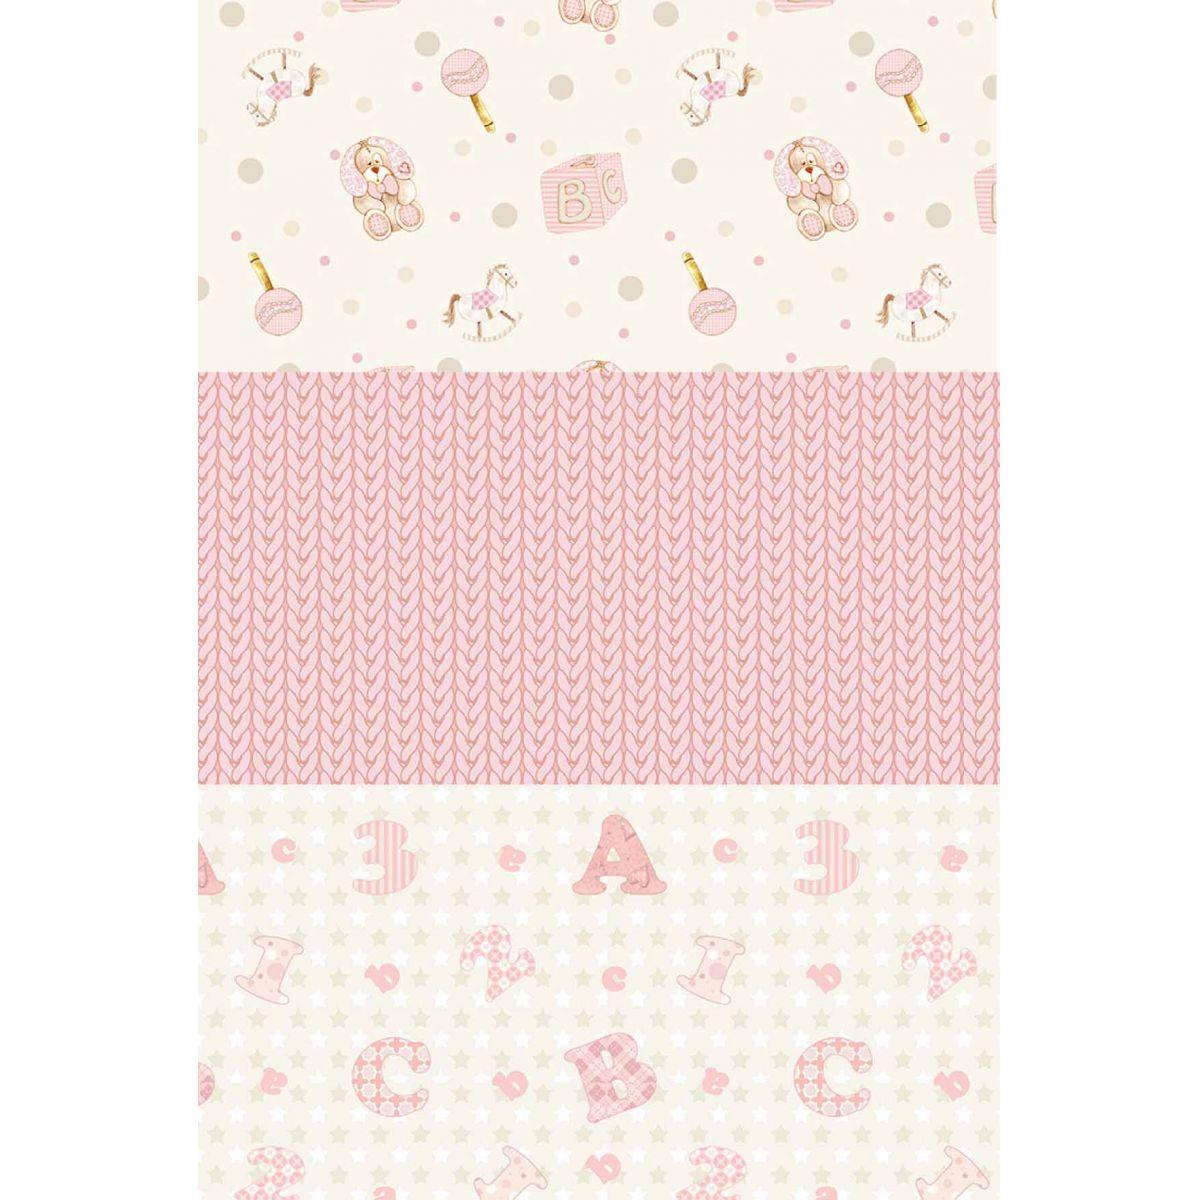 Kit Coleção Baby Menina  - Tecidos Digitais